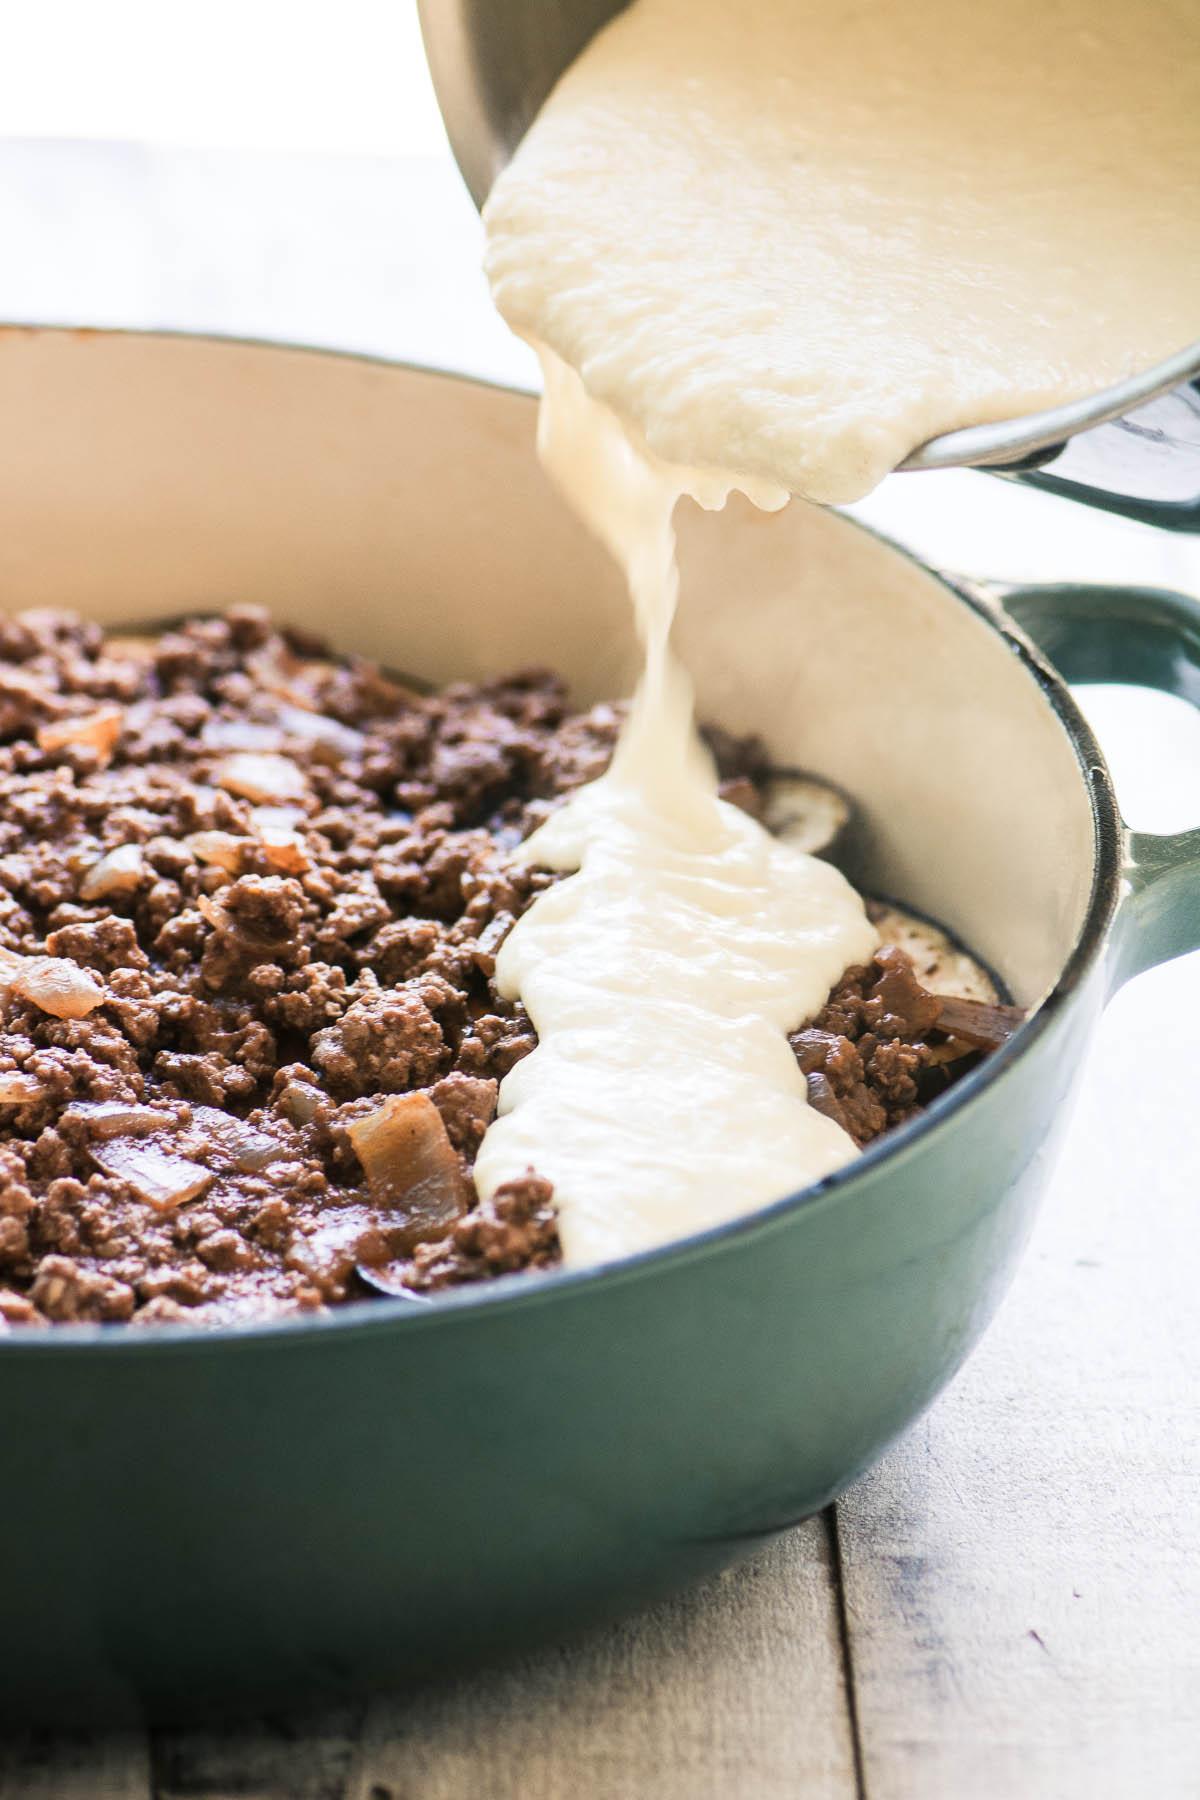 Pouring bechamel sauce over a Moussaka casserole